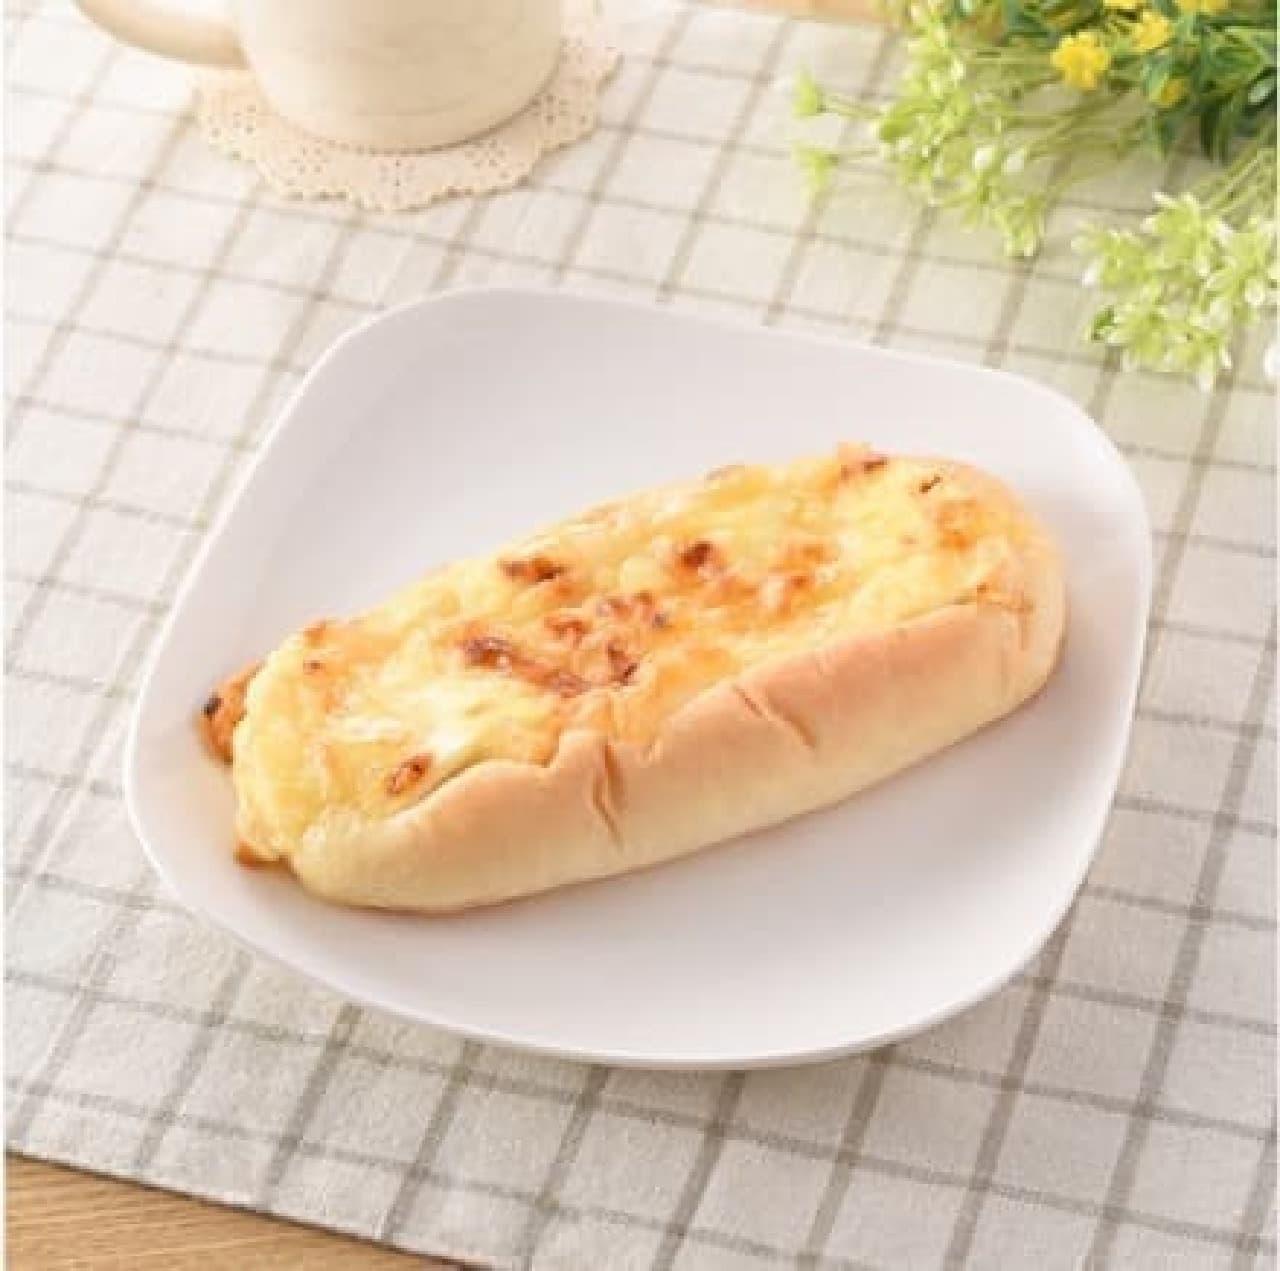 ファミリーマート「はちみつ&チーズパン」